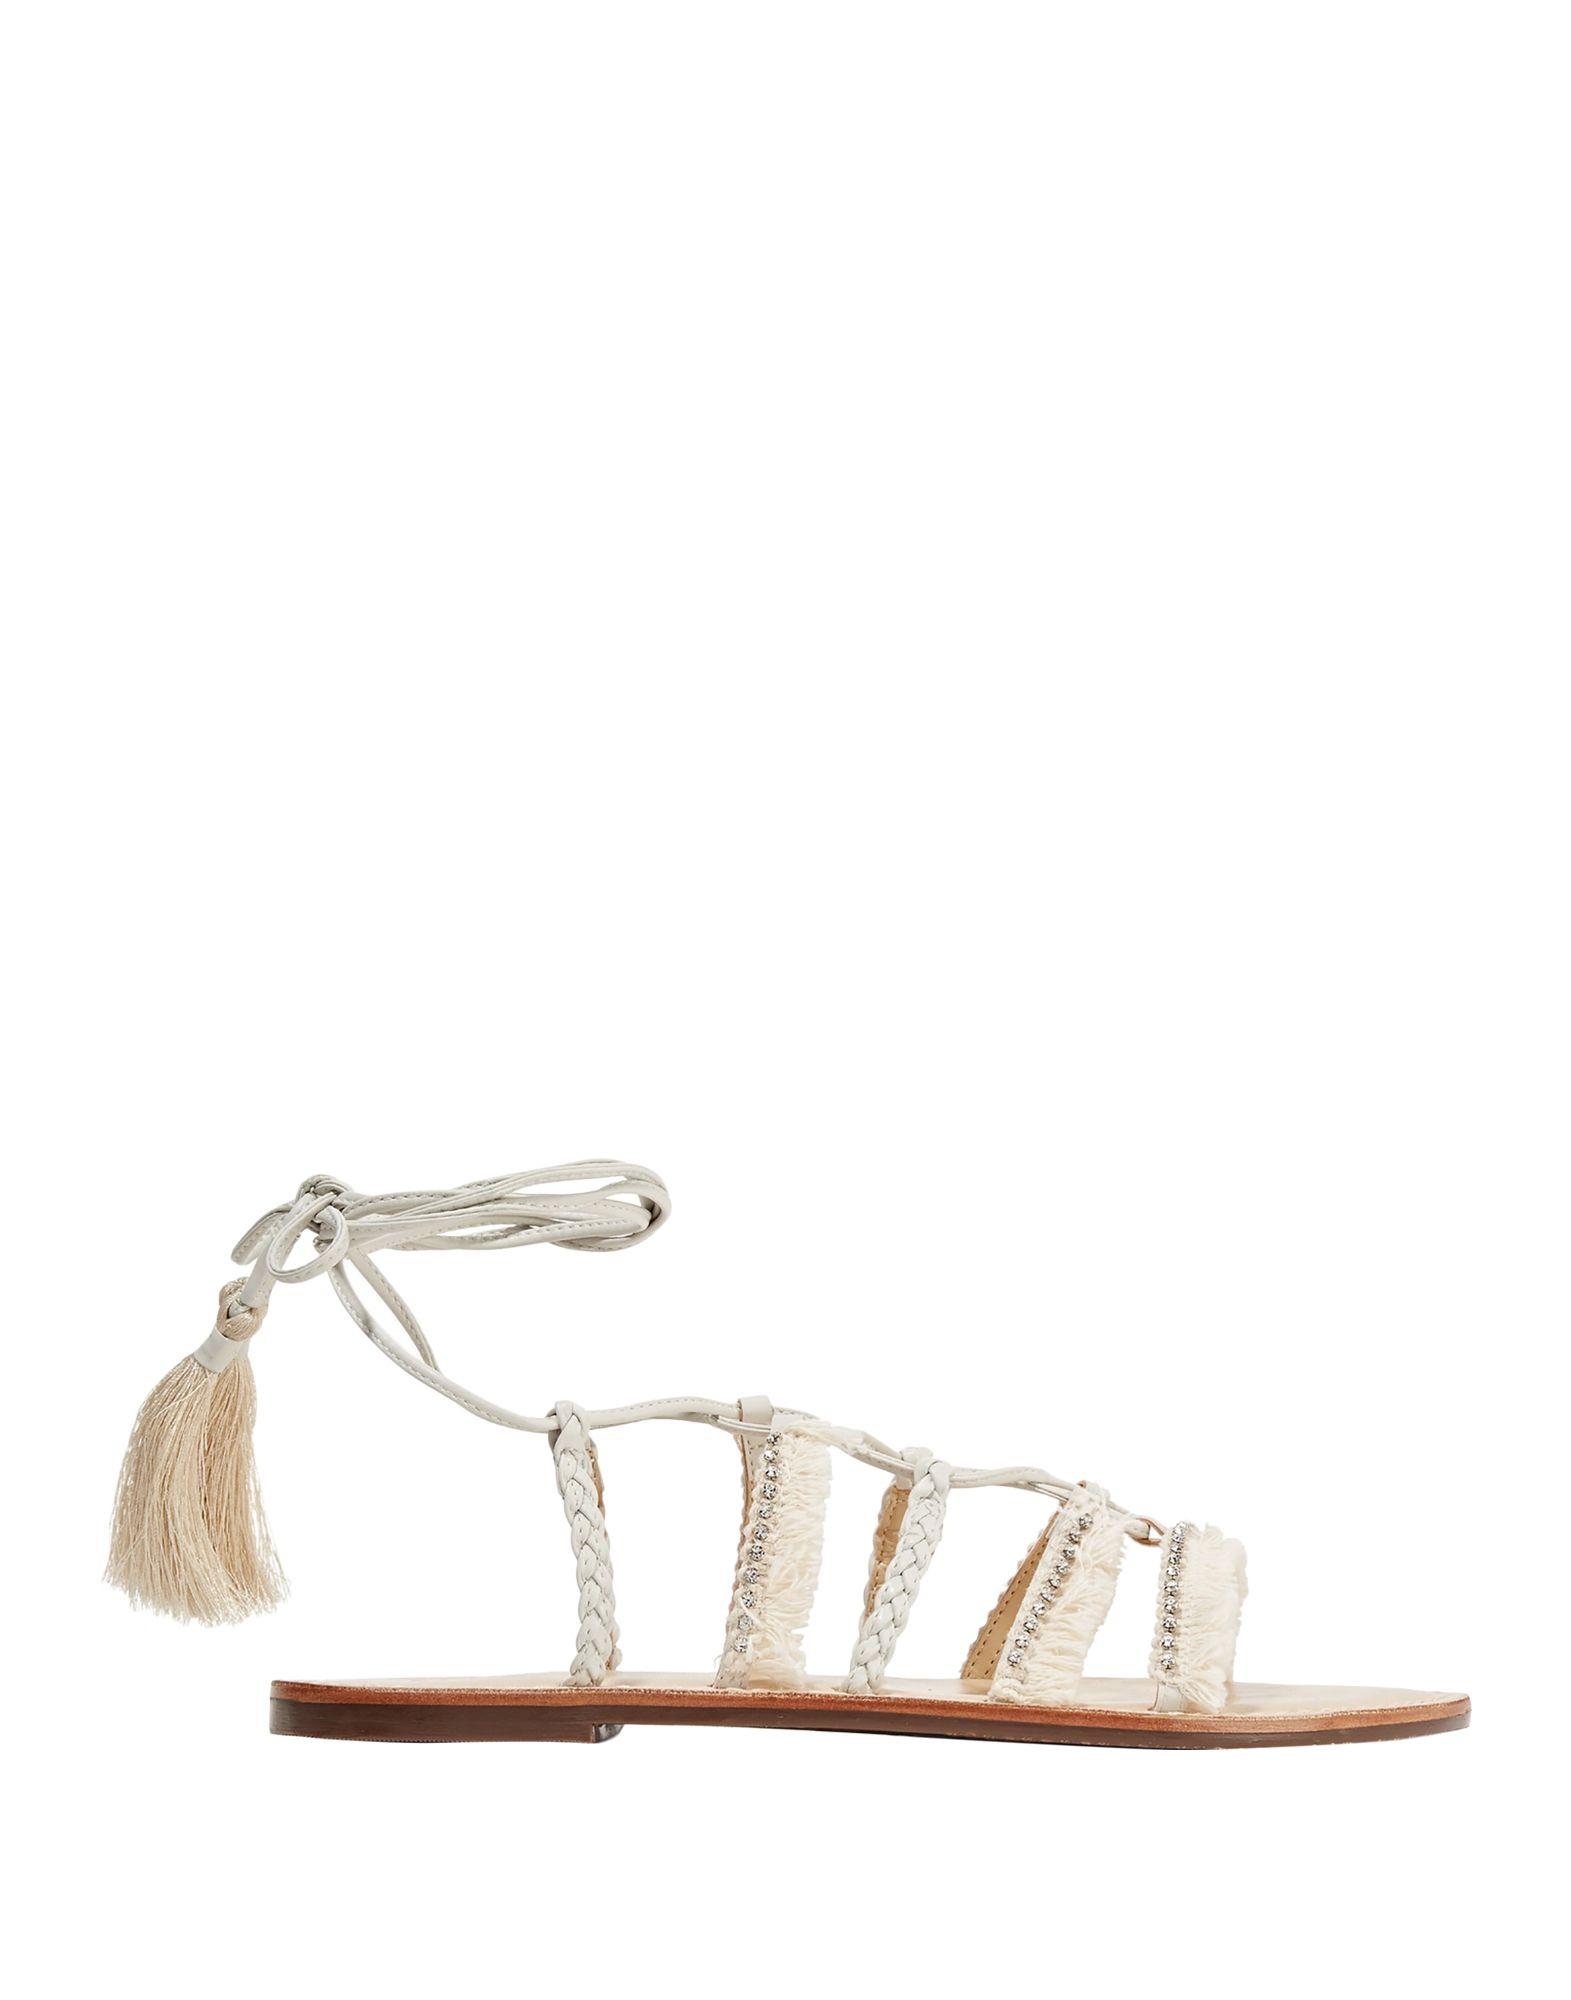 Schutz  Sandals - Women Schutz Sandals online on  Schutz United Kingdom - 11567145FV 8edee1